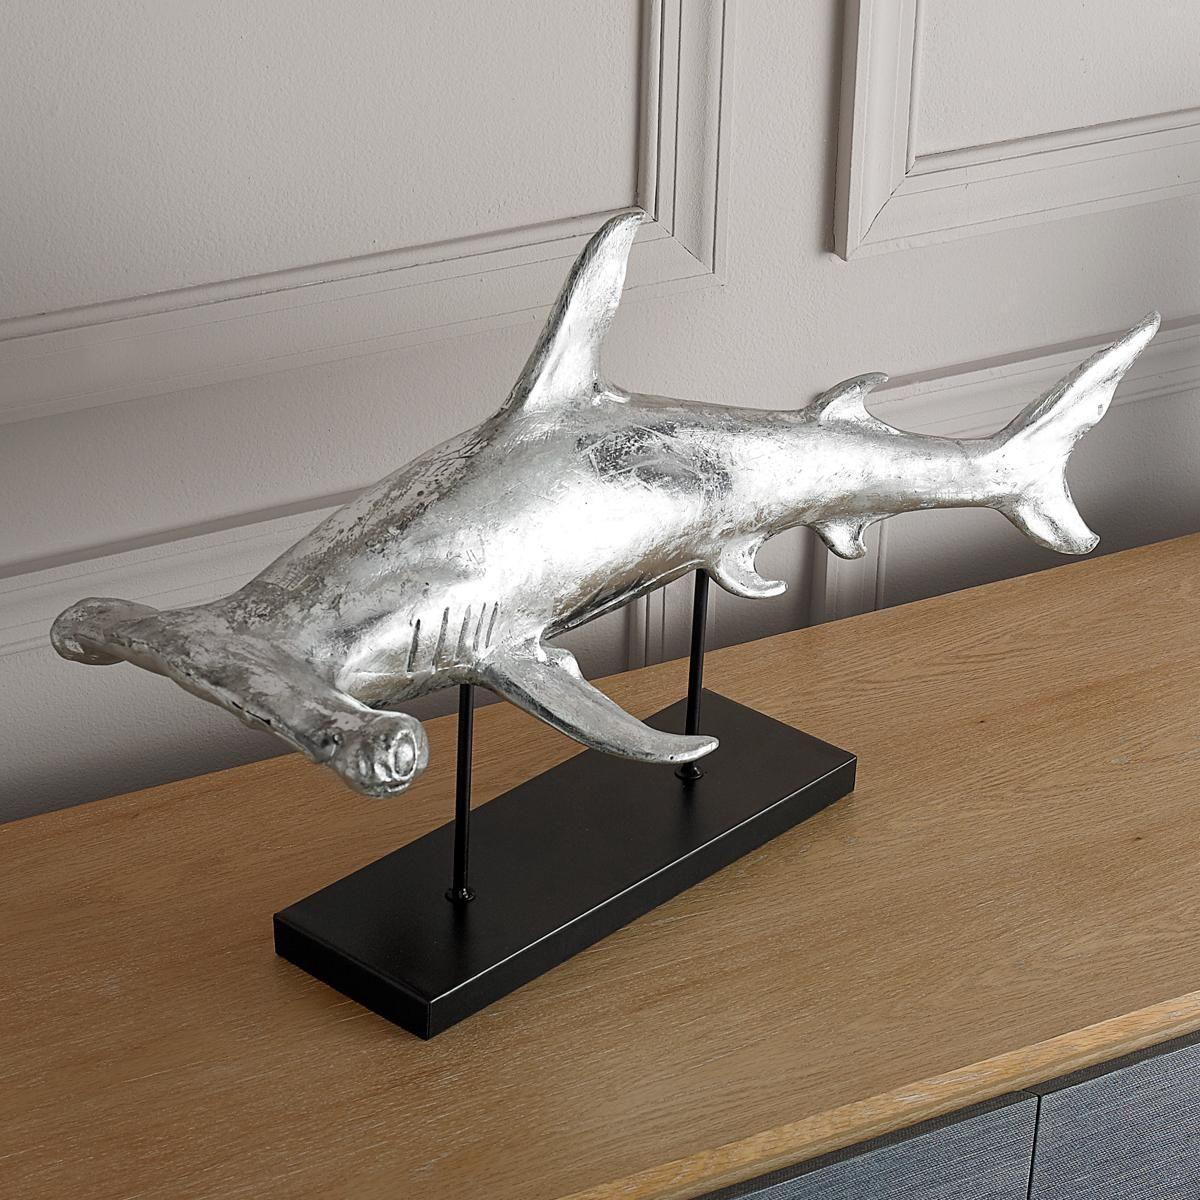 Hammerhead Shark Statue Add An Unexpected Decorative